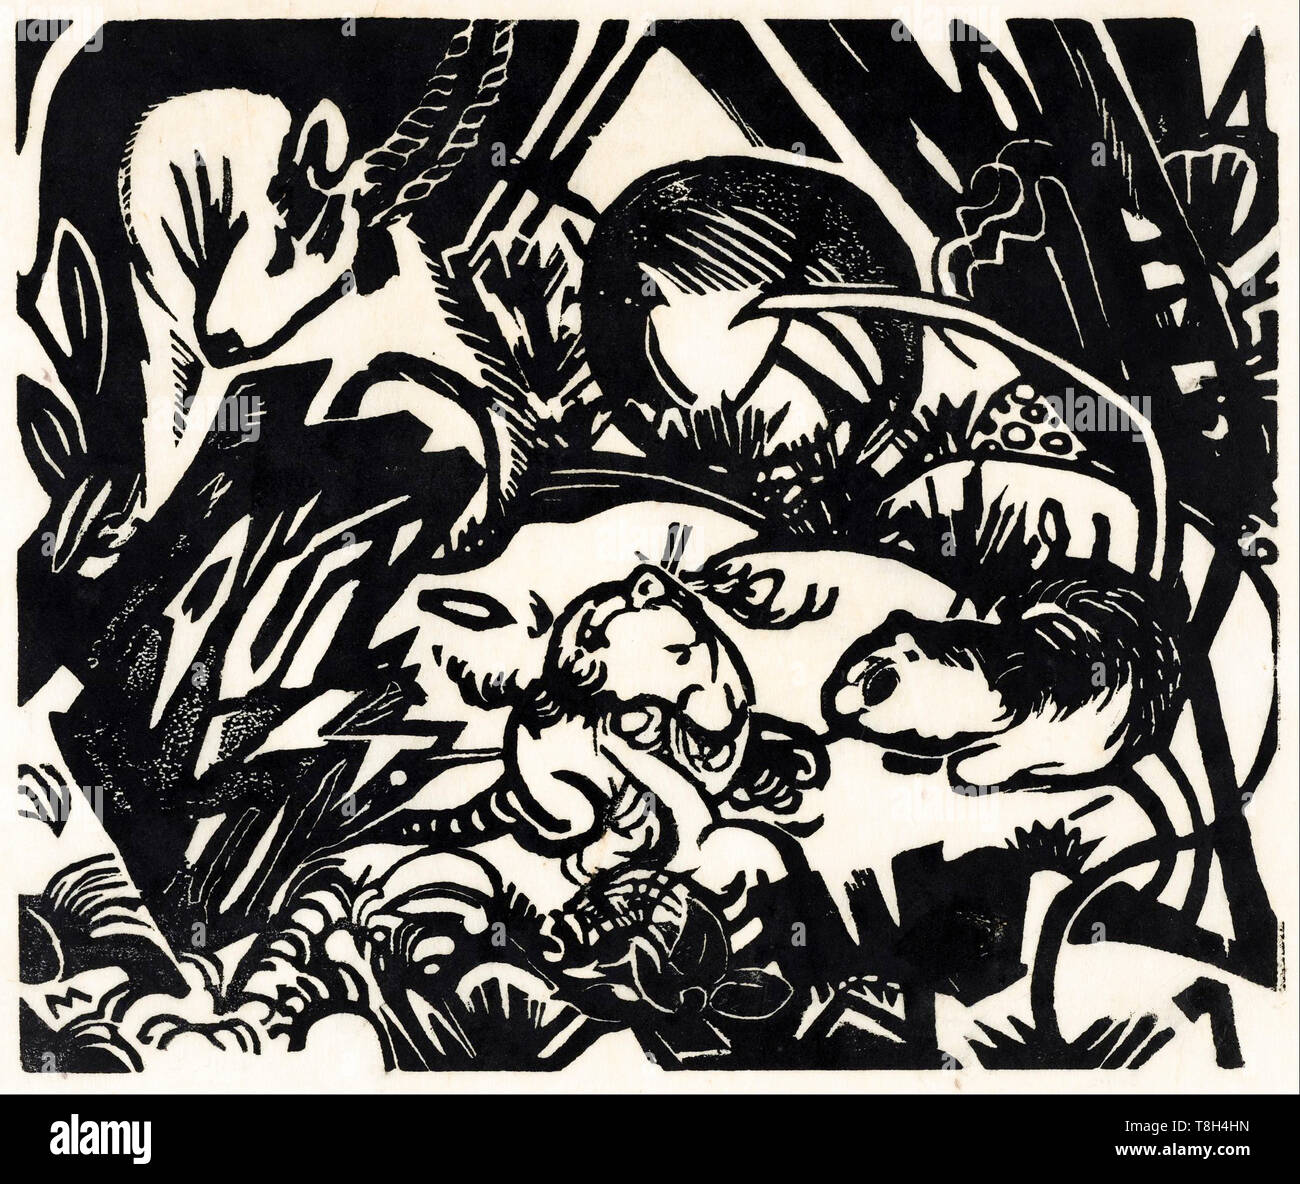 Franz Marc, animale legenda, xilografia stampa, 1912 Immagini Stock